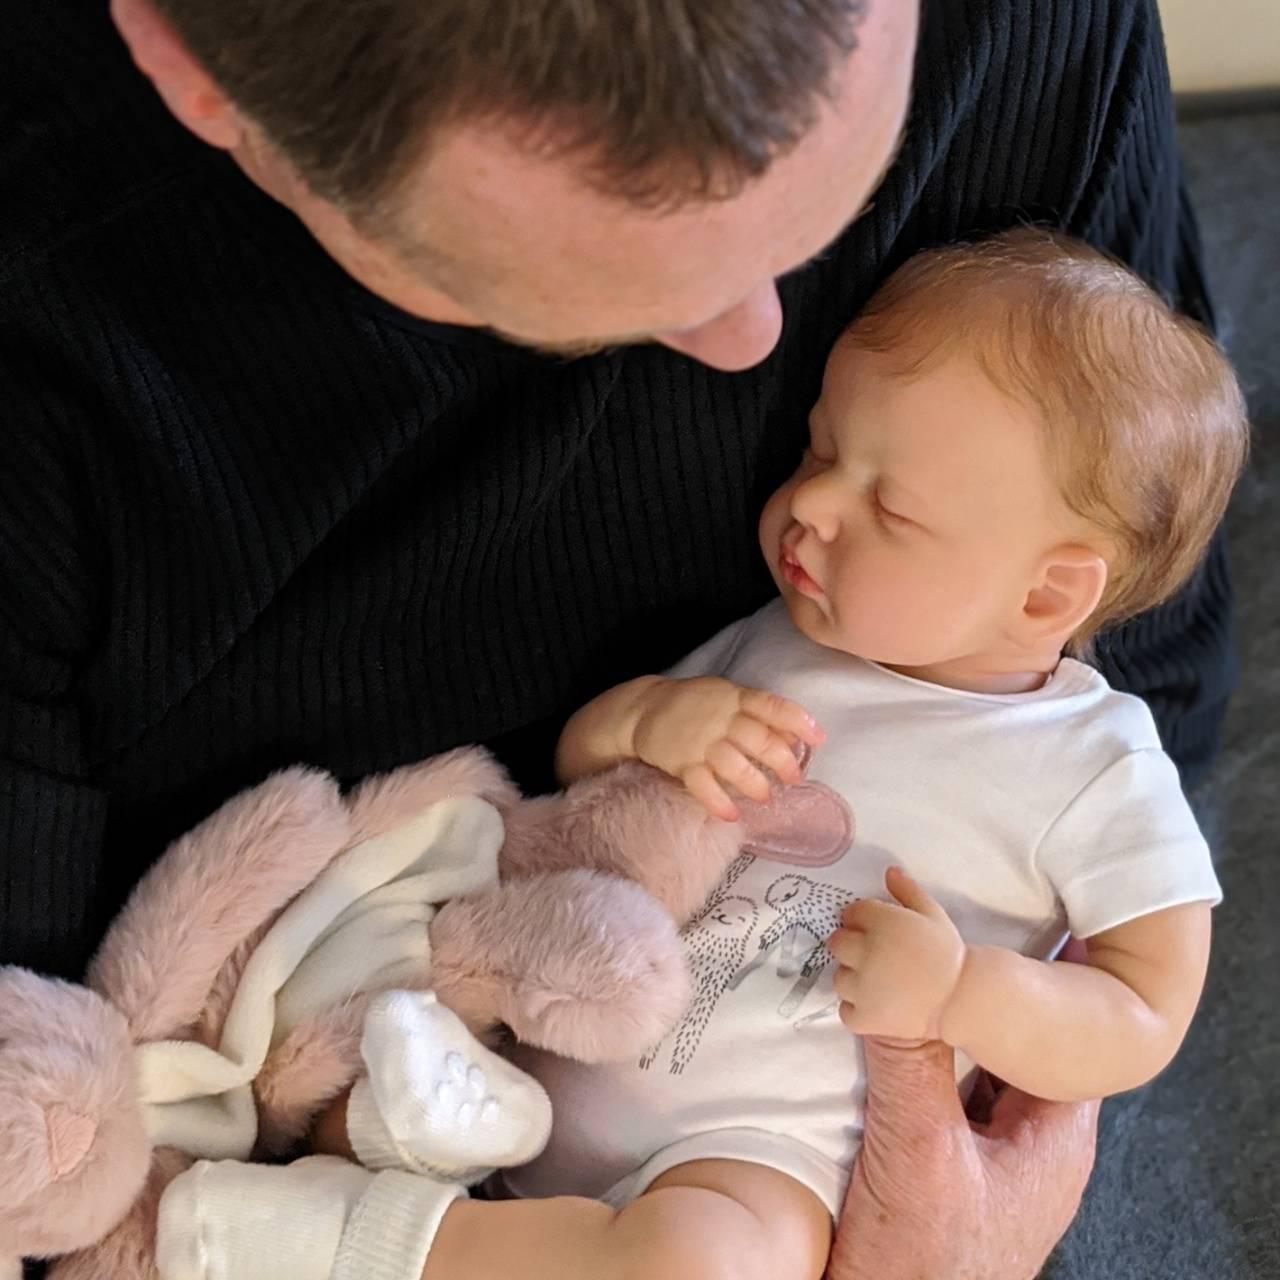 リボーンドール シリコンドール リアル赤ちゃん人形